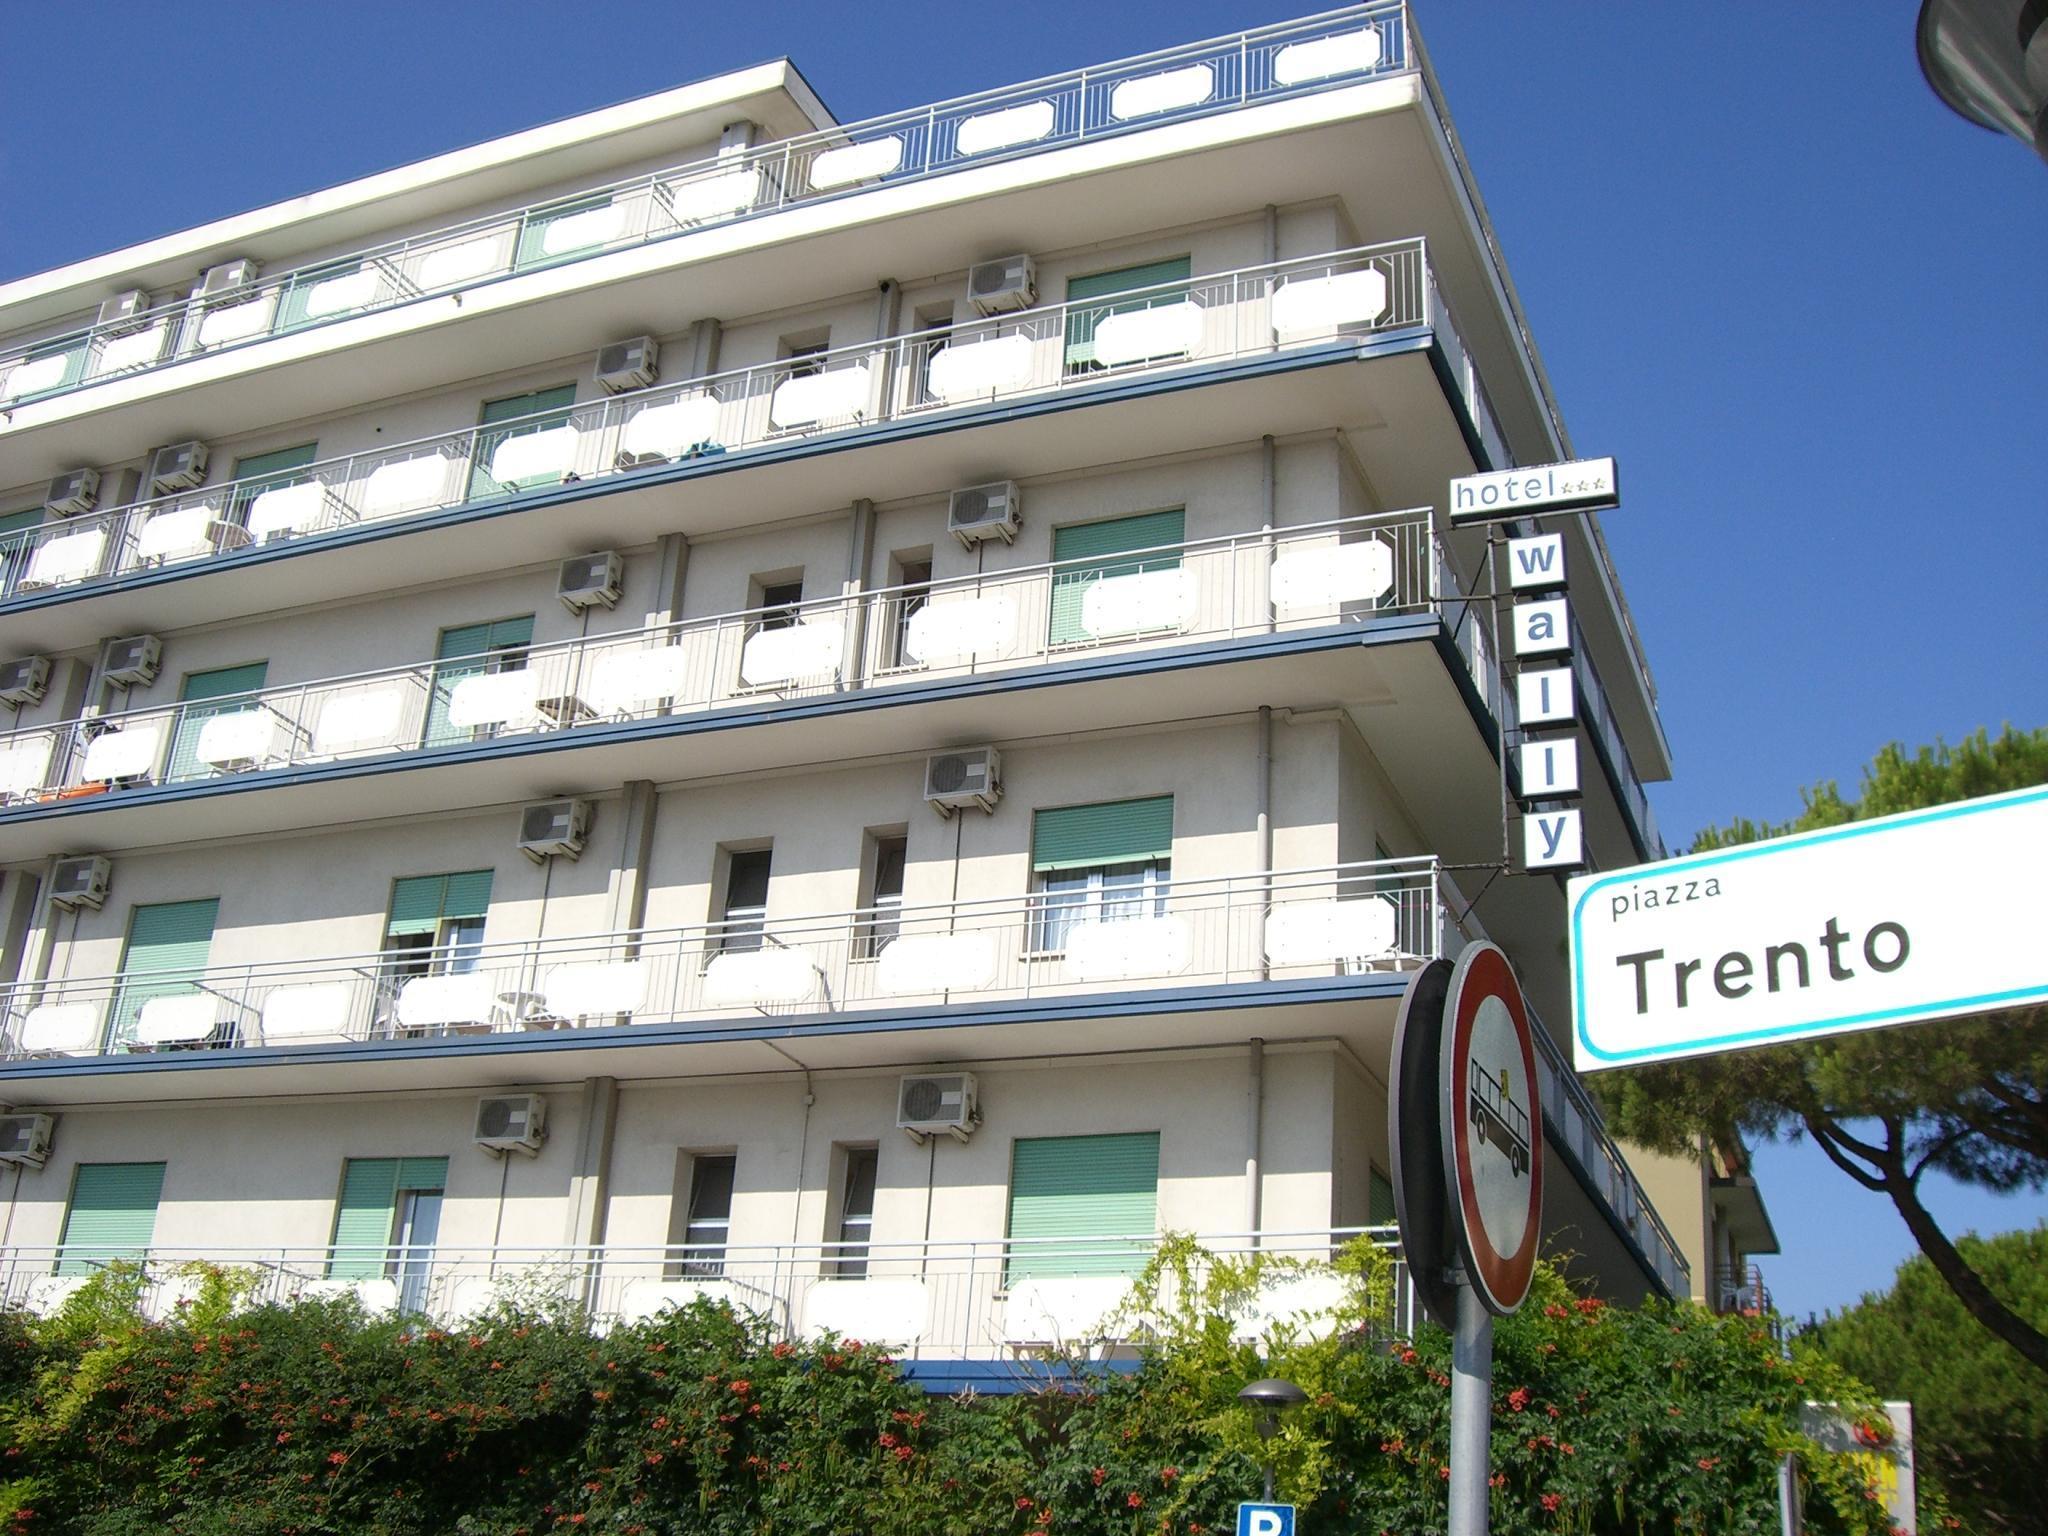 hotel trento lido di jesolo - photo#19